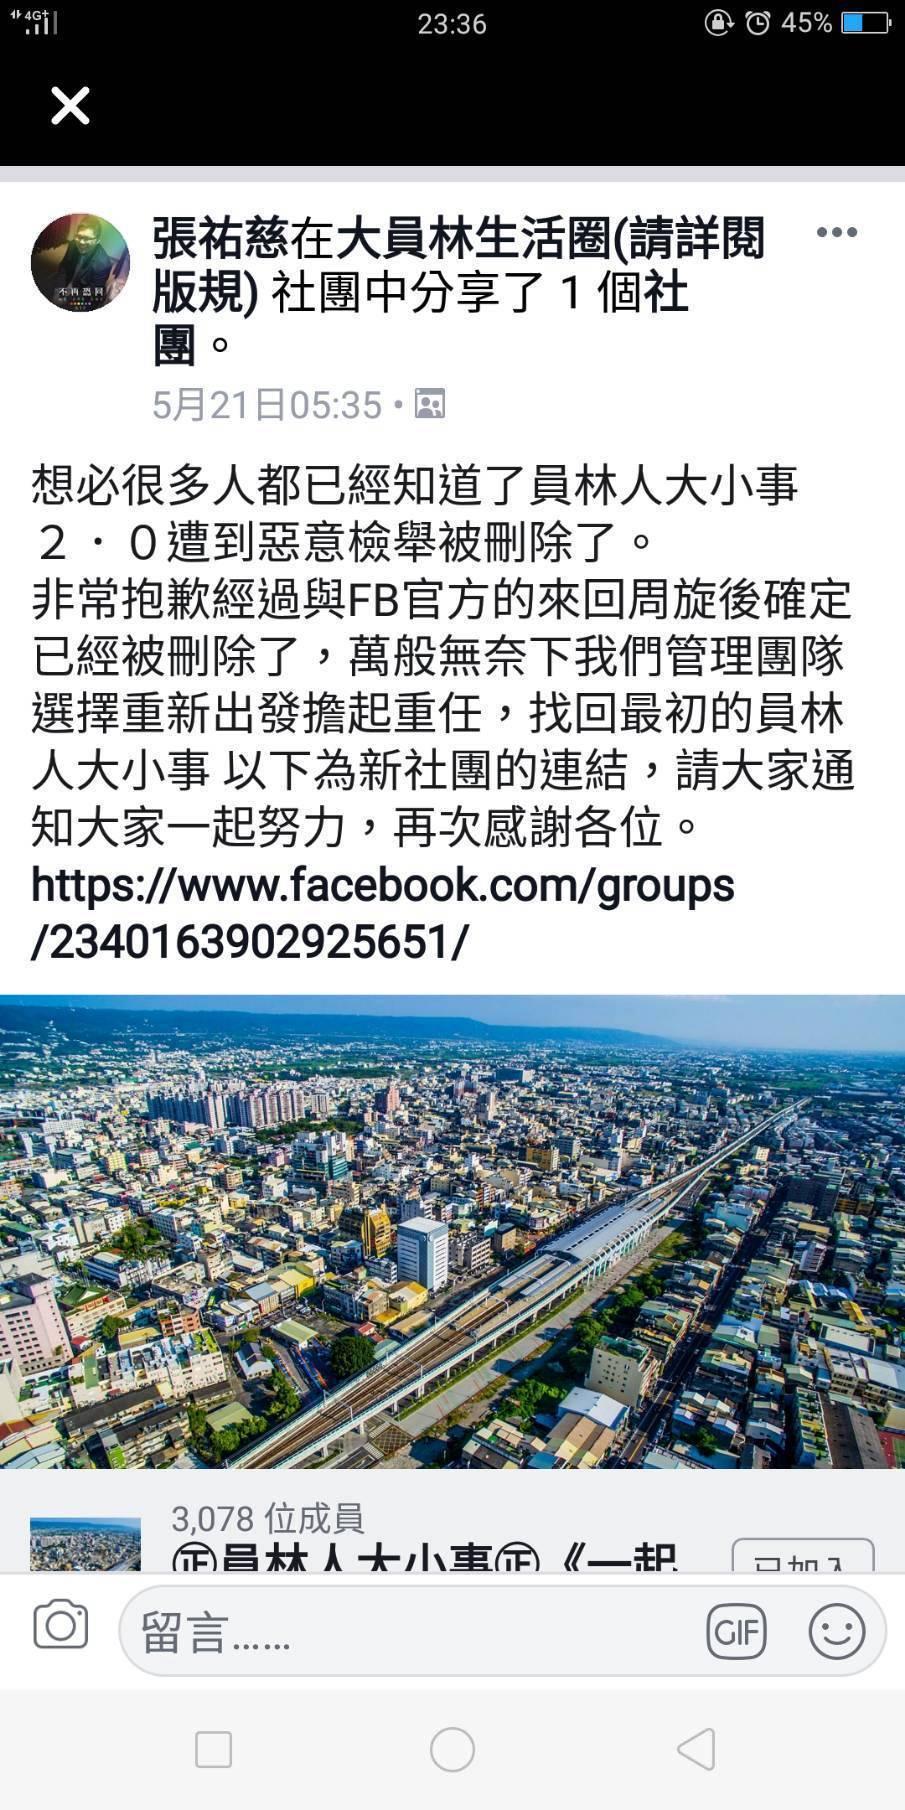 有15萬多名粉絲的彰化縣「員林人大小事」社團遭人檢舉,被臉書官方移除後無法重生,...